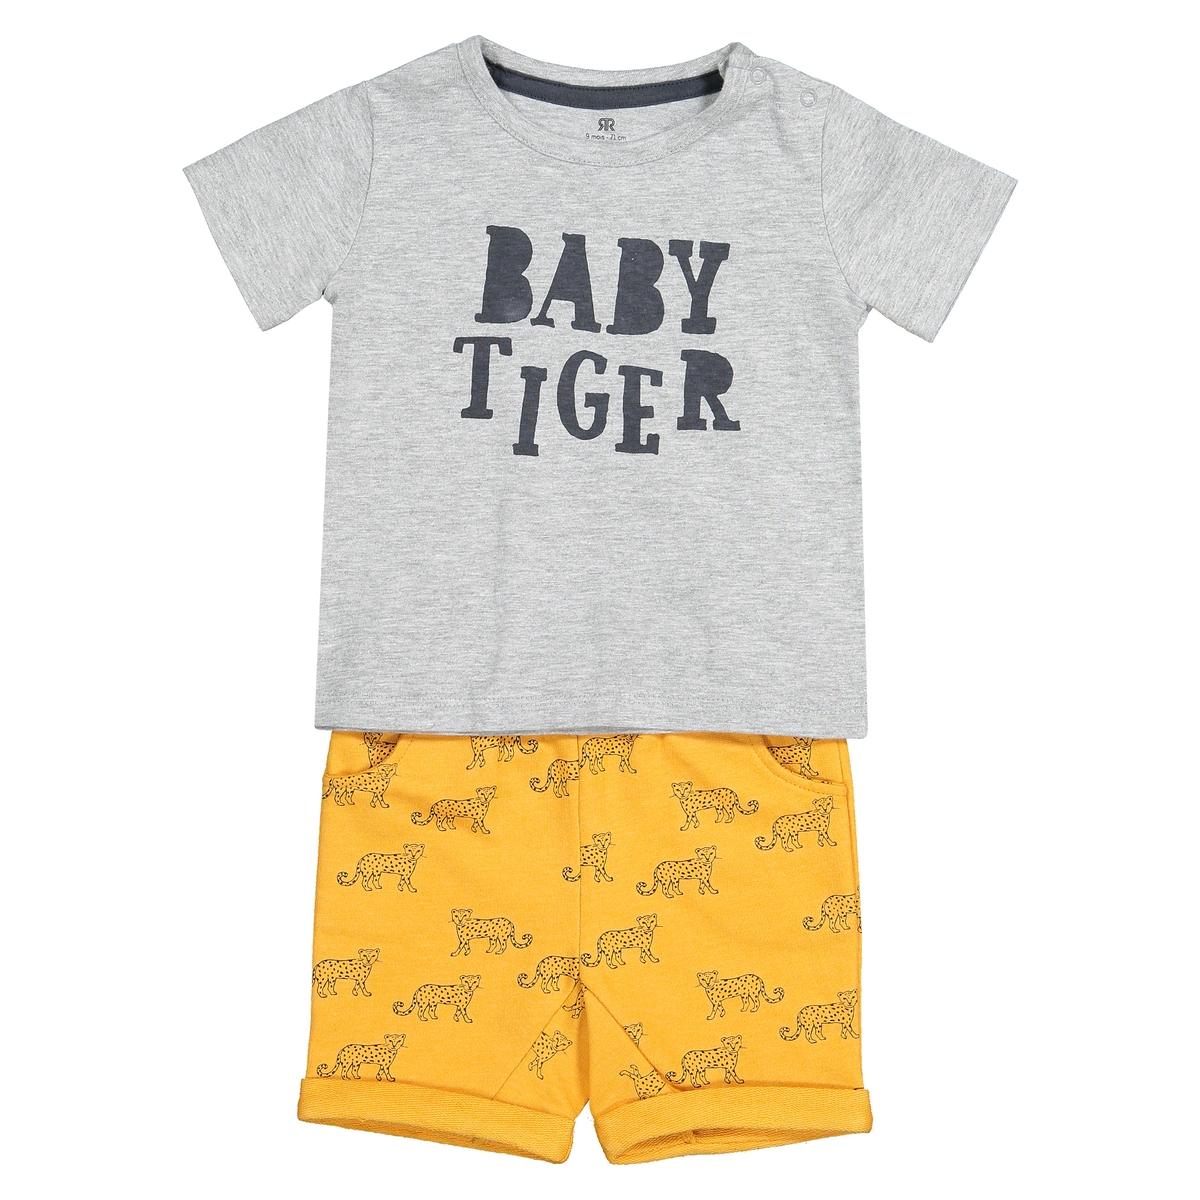 Комплект шорты футболка с La Redoute принтом мес - лет 3 мес. - 60 см серый футболка с принтом 1 мес 4 лет